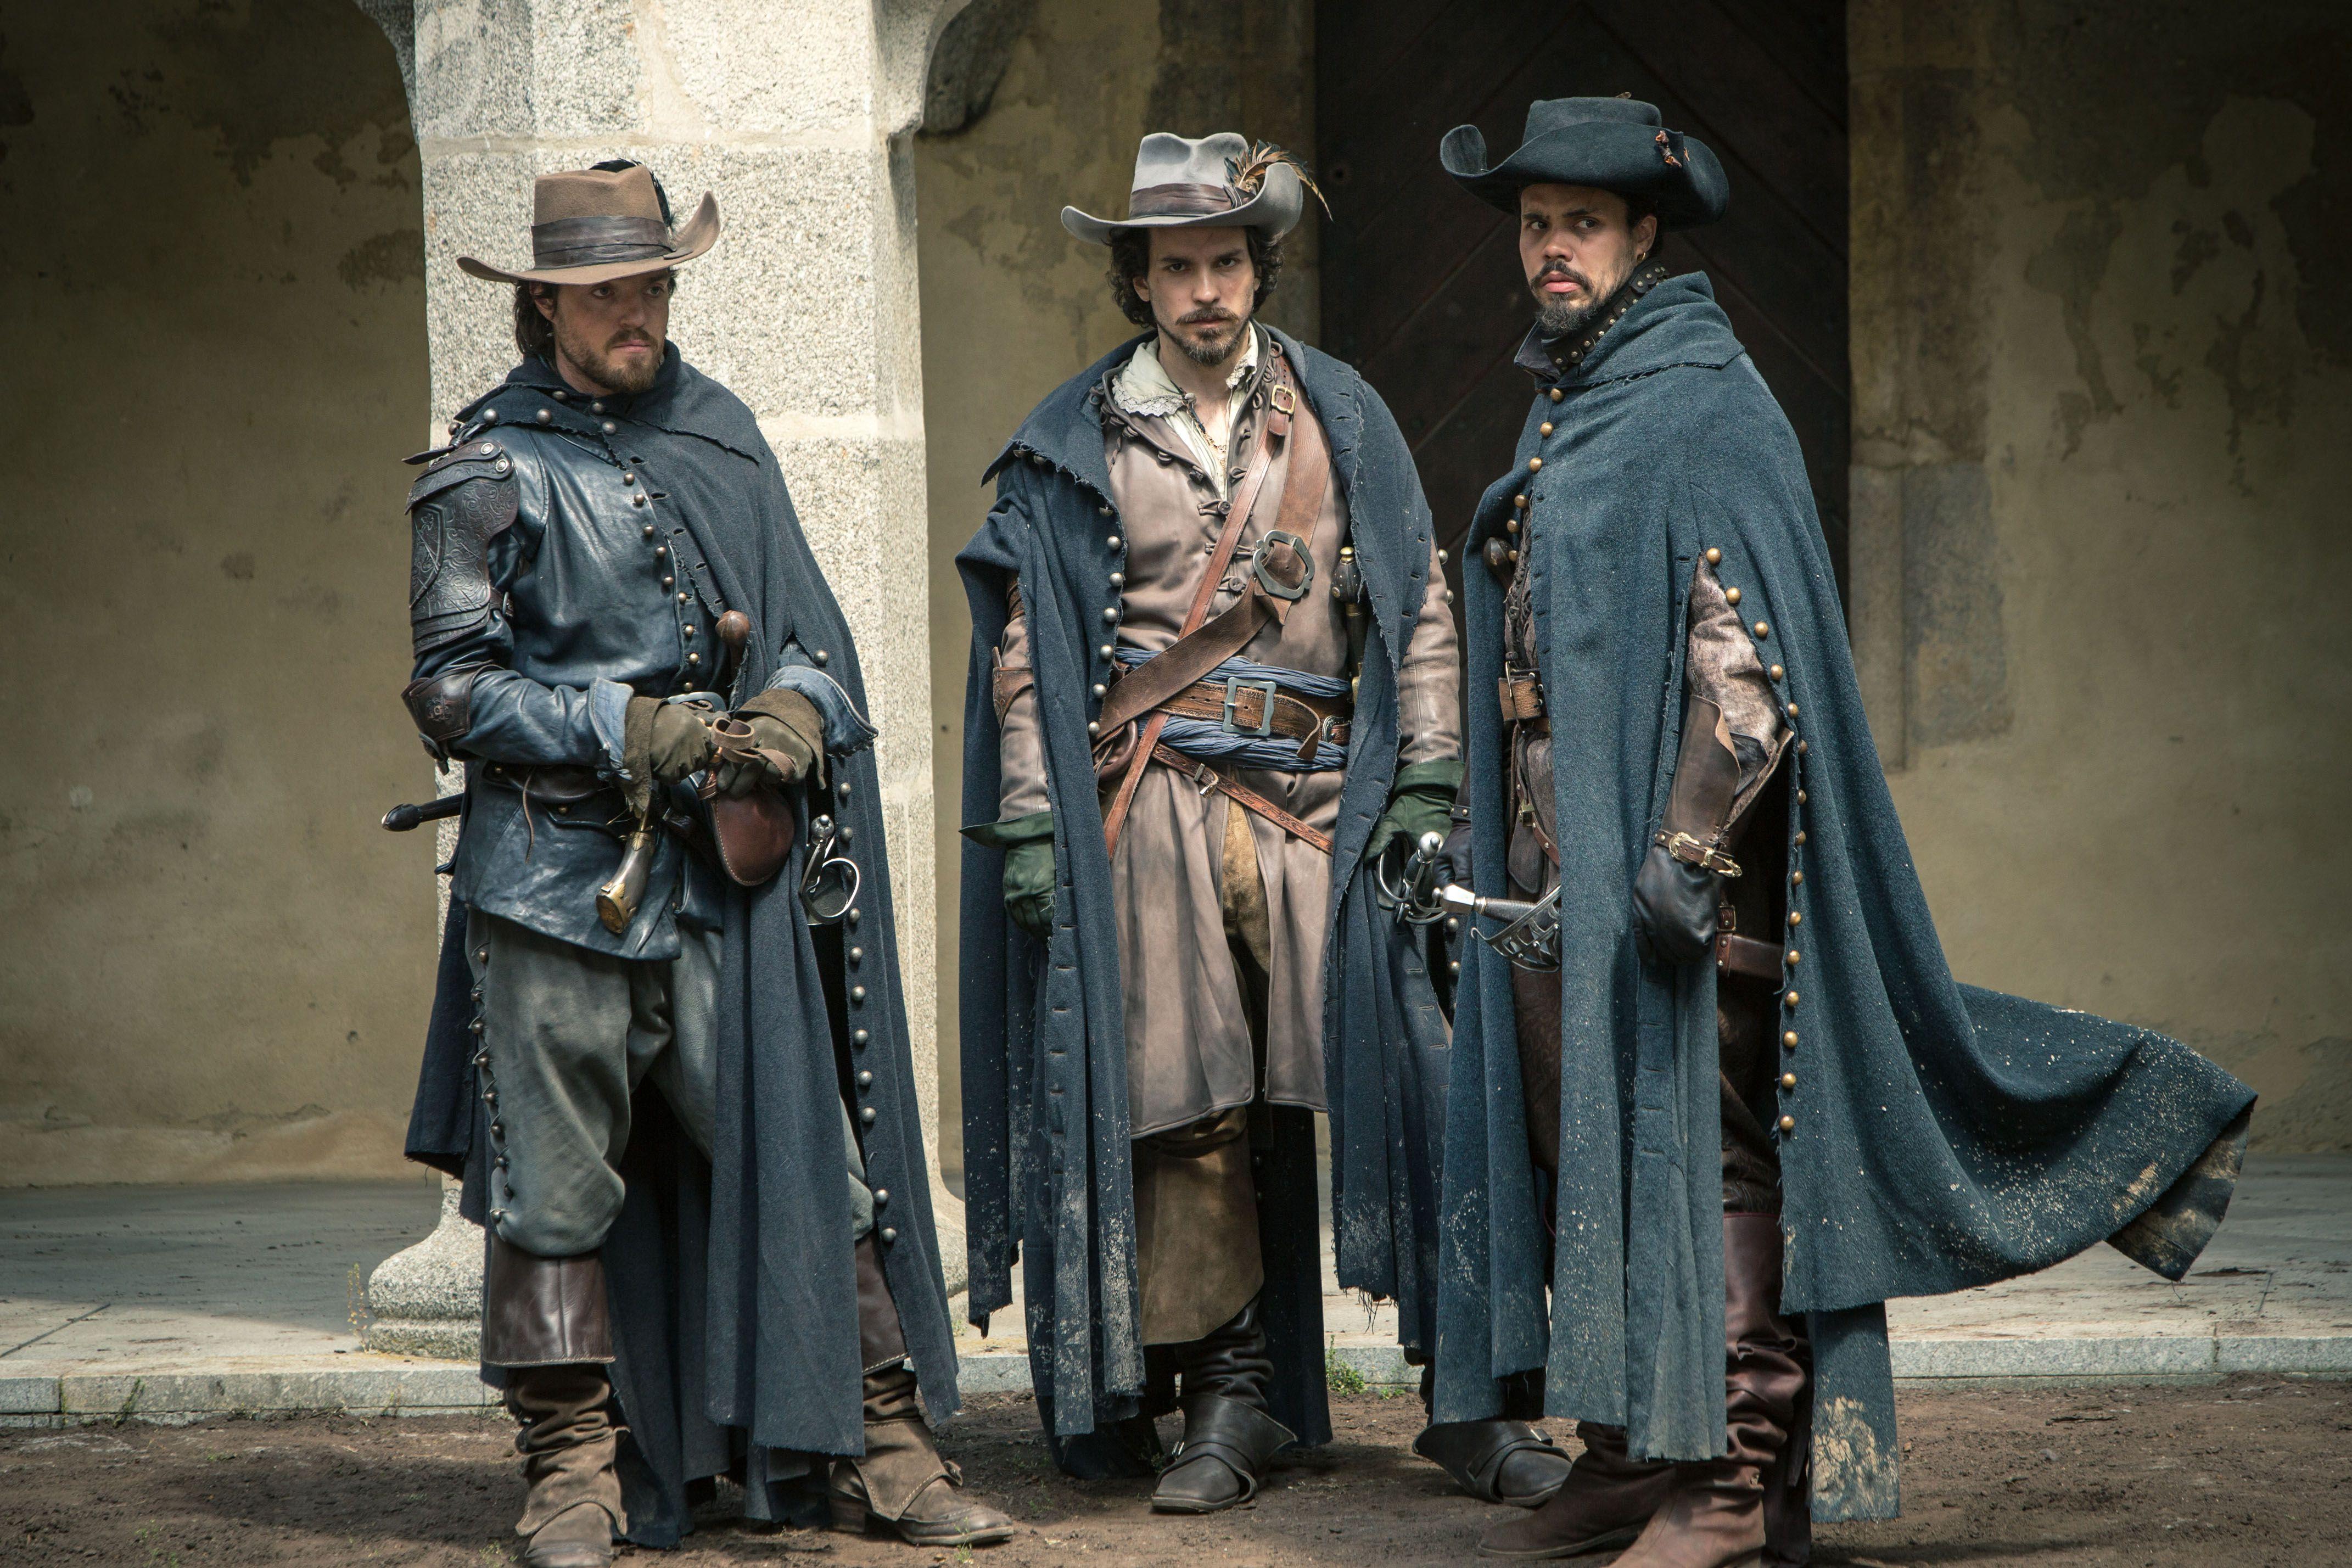 Три мушкетера ххх, Три мушкетера - порно версия » Лучшее бесплатное 20 фотография